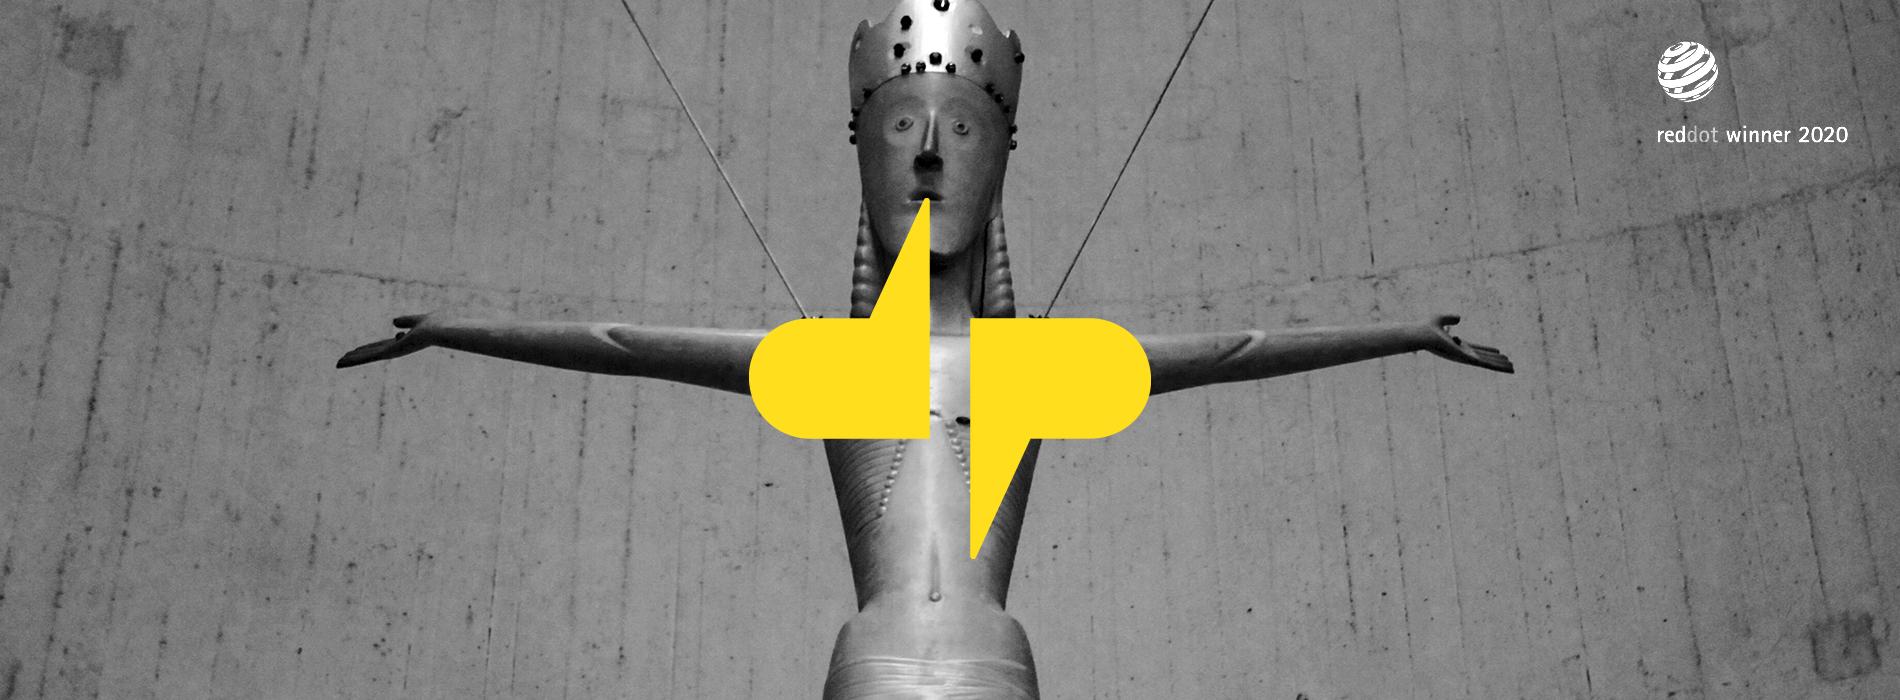 Katholische Kirchengemeinde Derendorf Pempelfort Düsseldorf Corporate Design Logo reddot winner